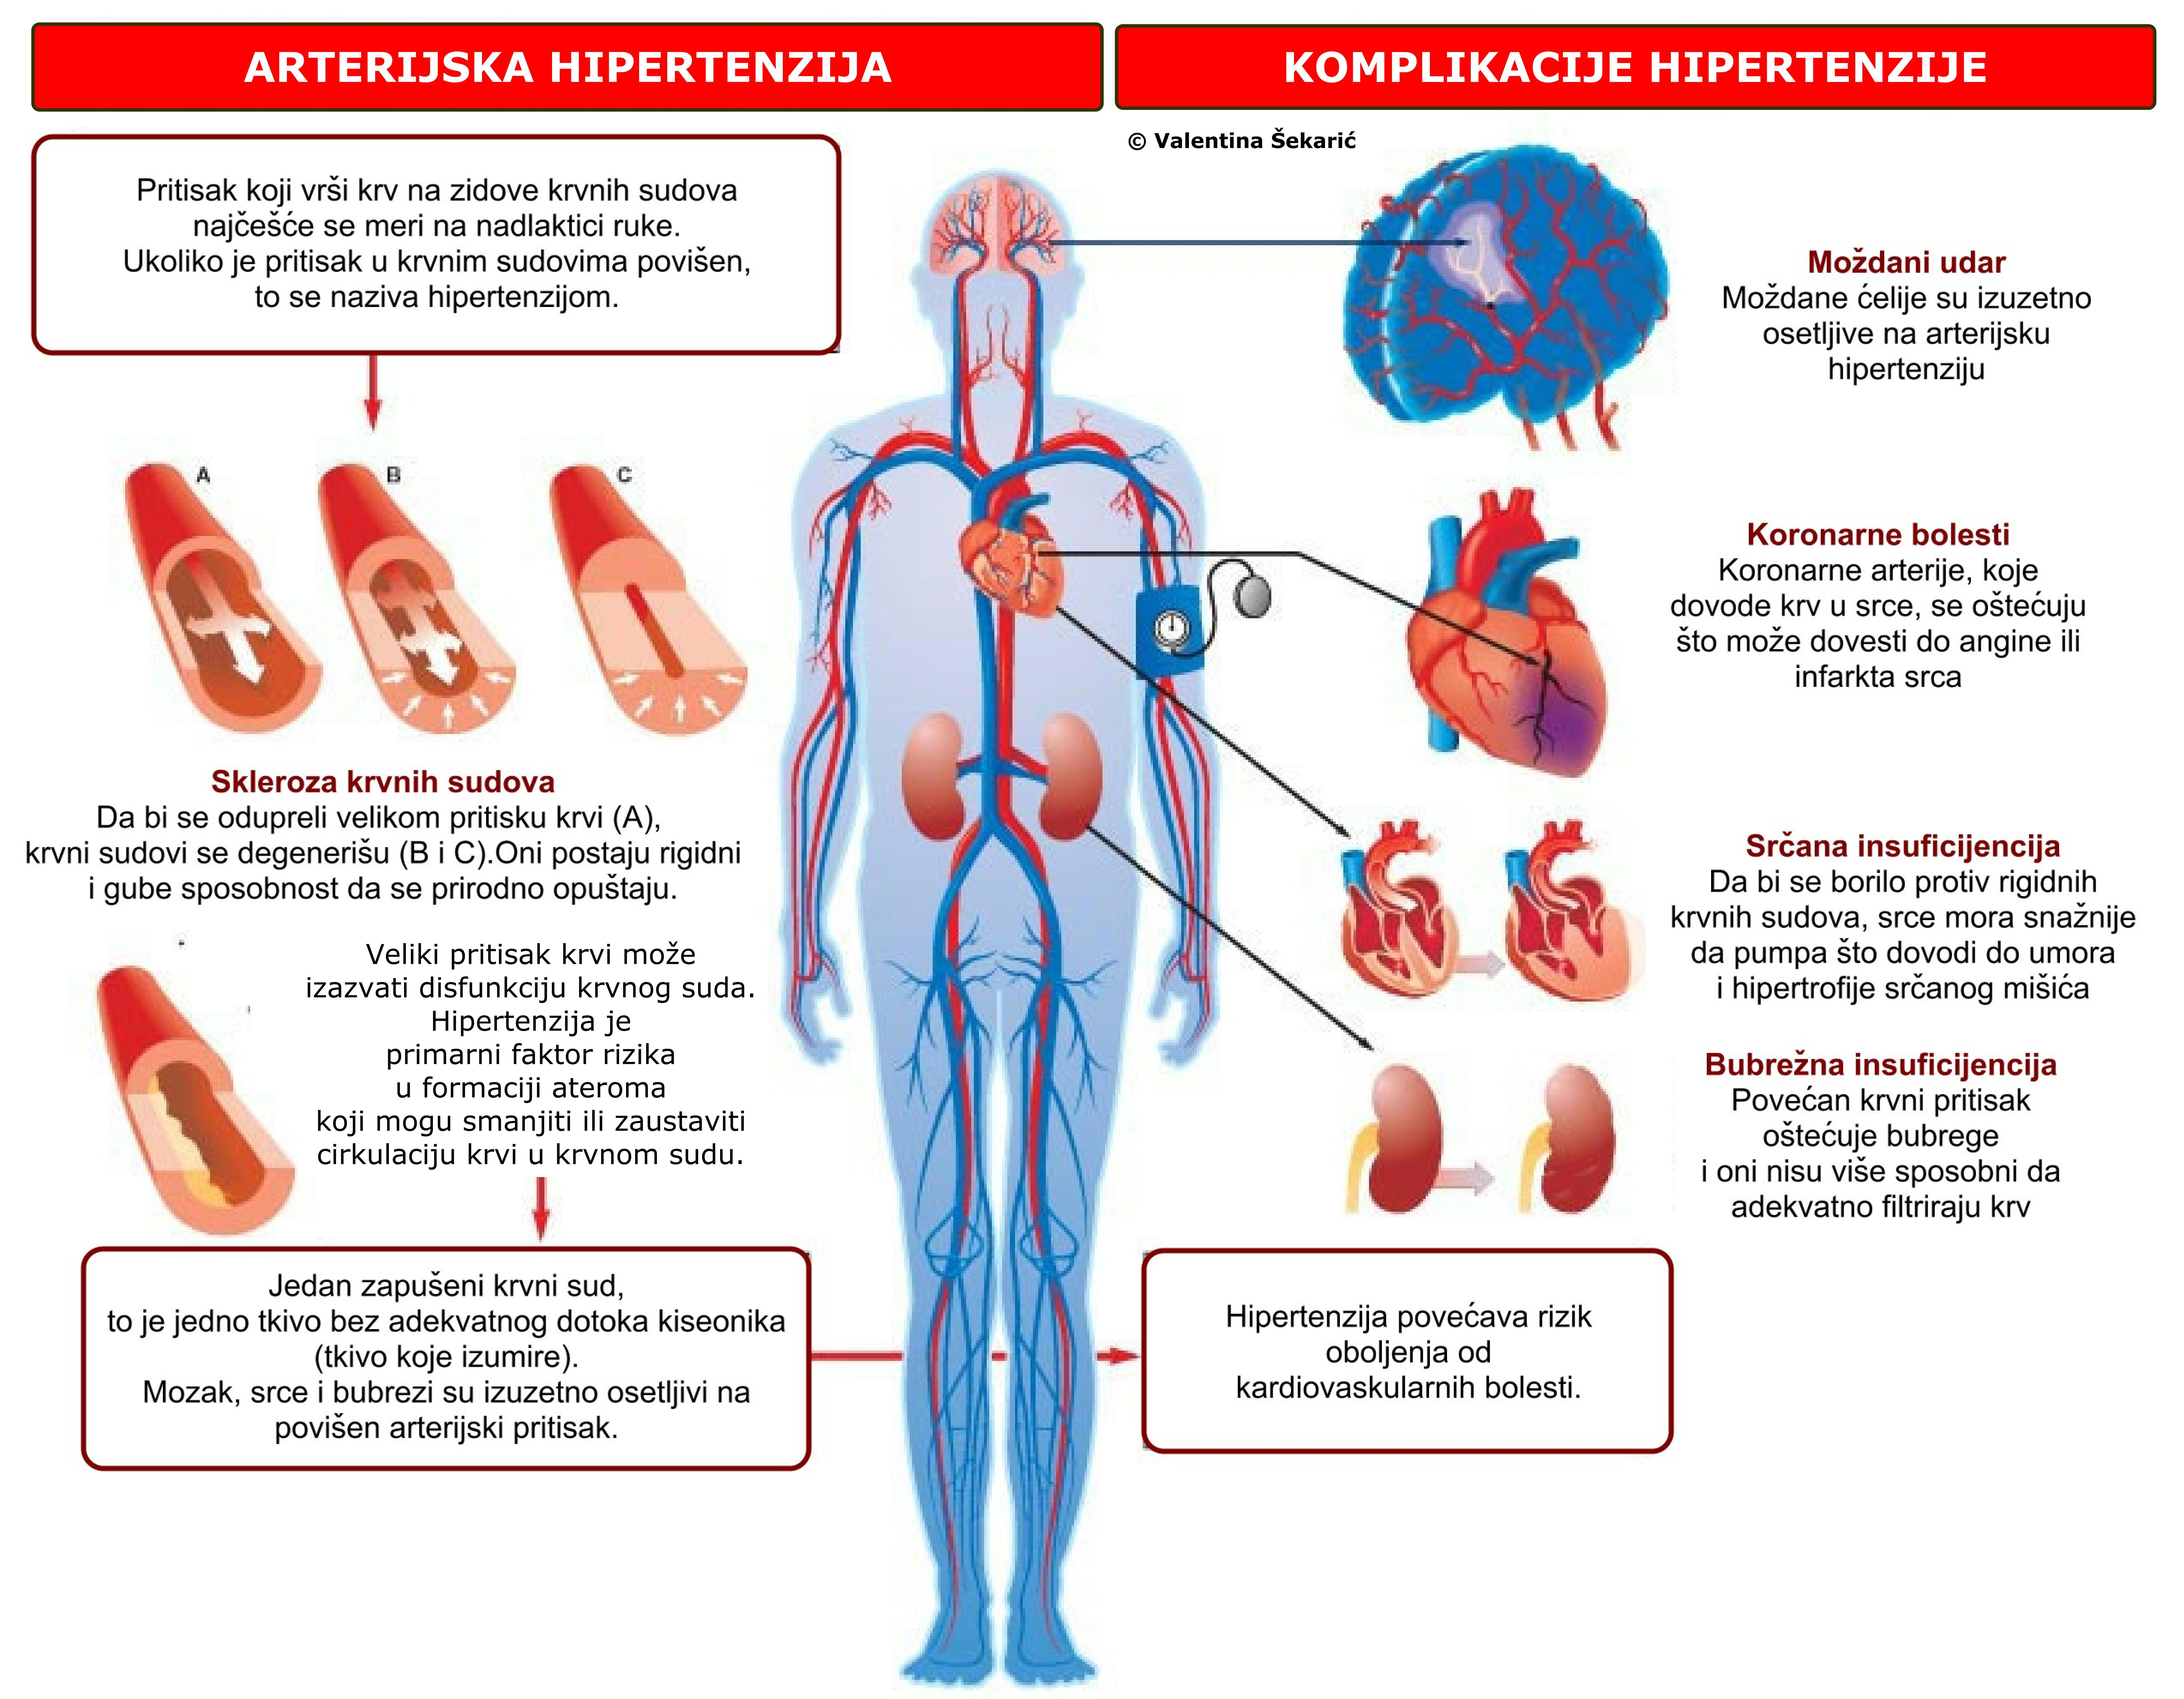 hipertenzija i za potentnost tablete povećana renin hipertenzije